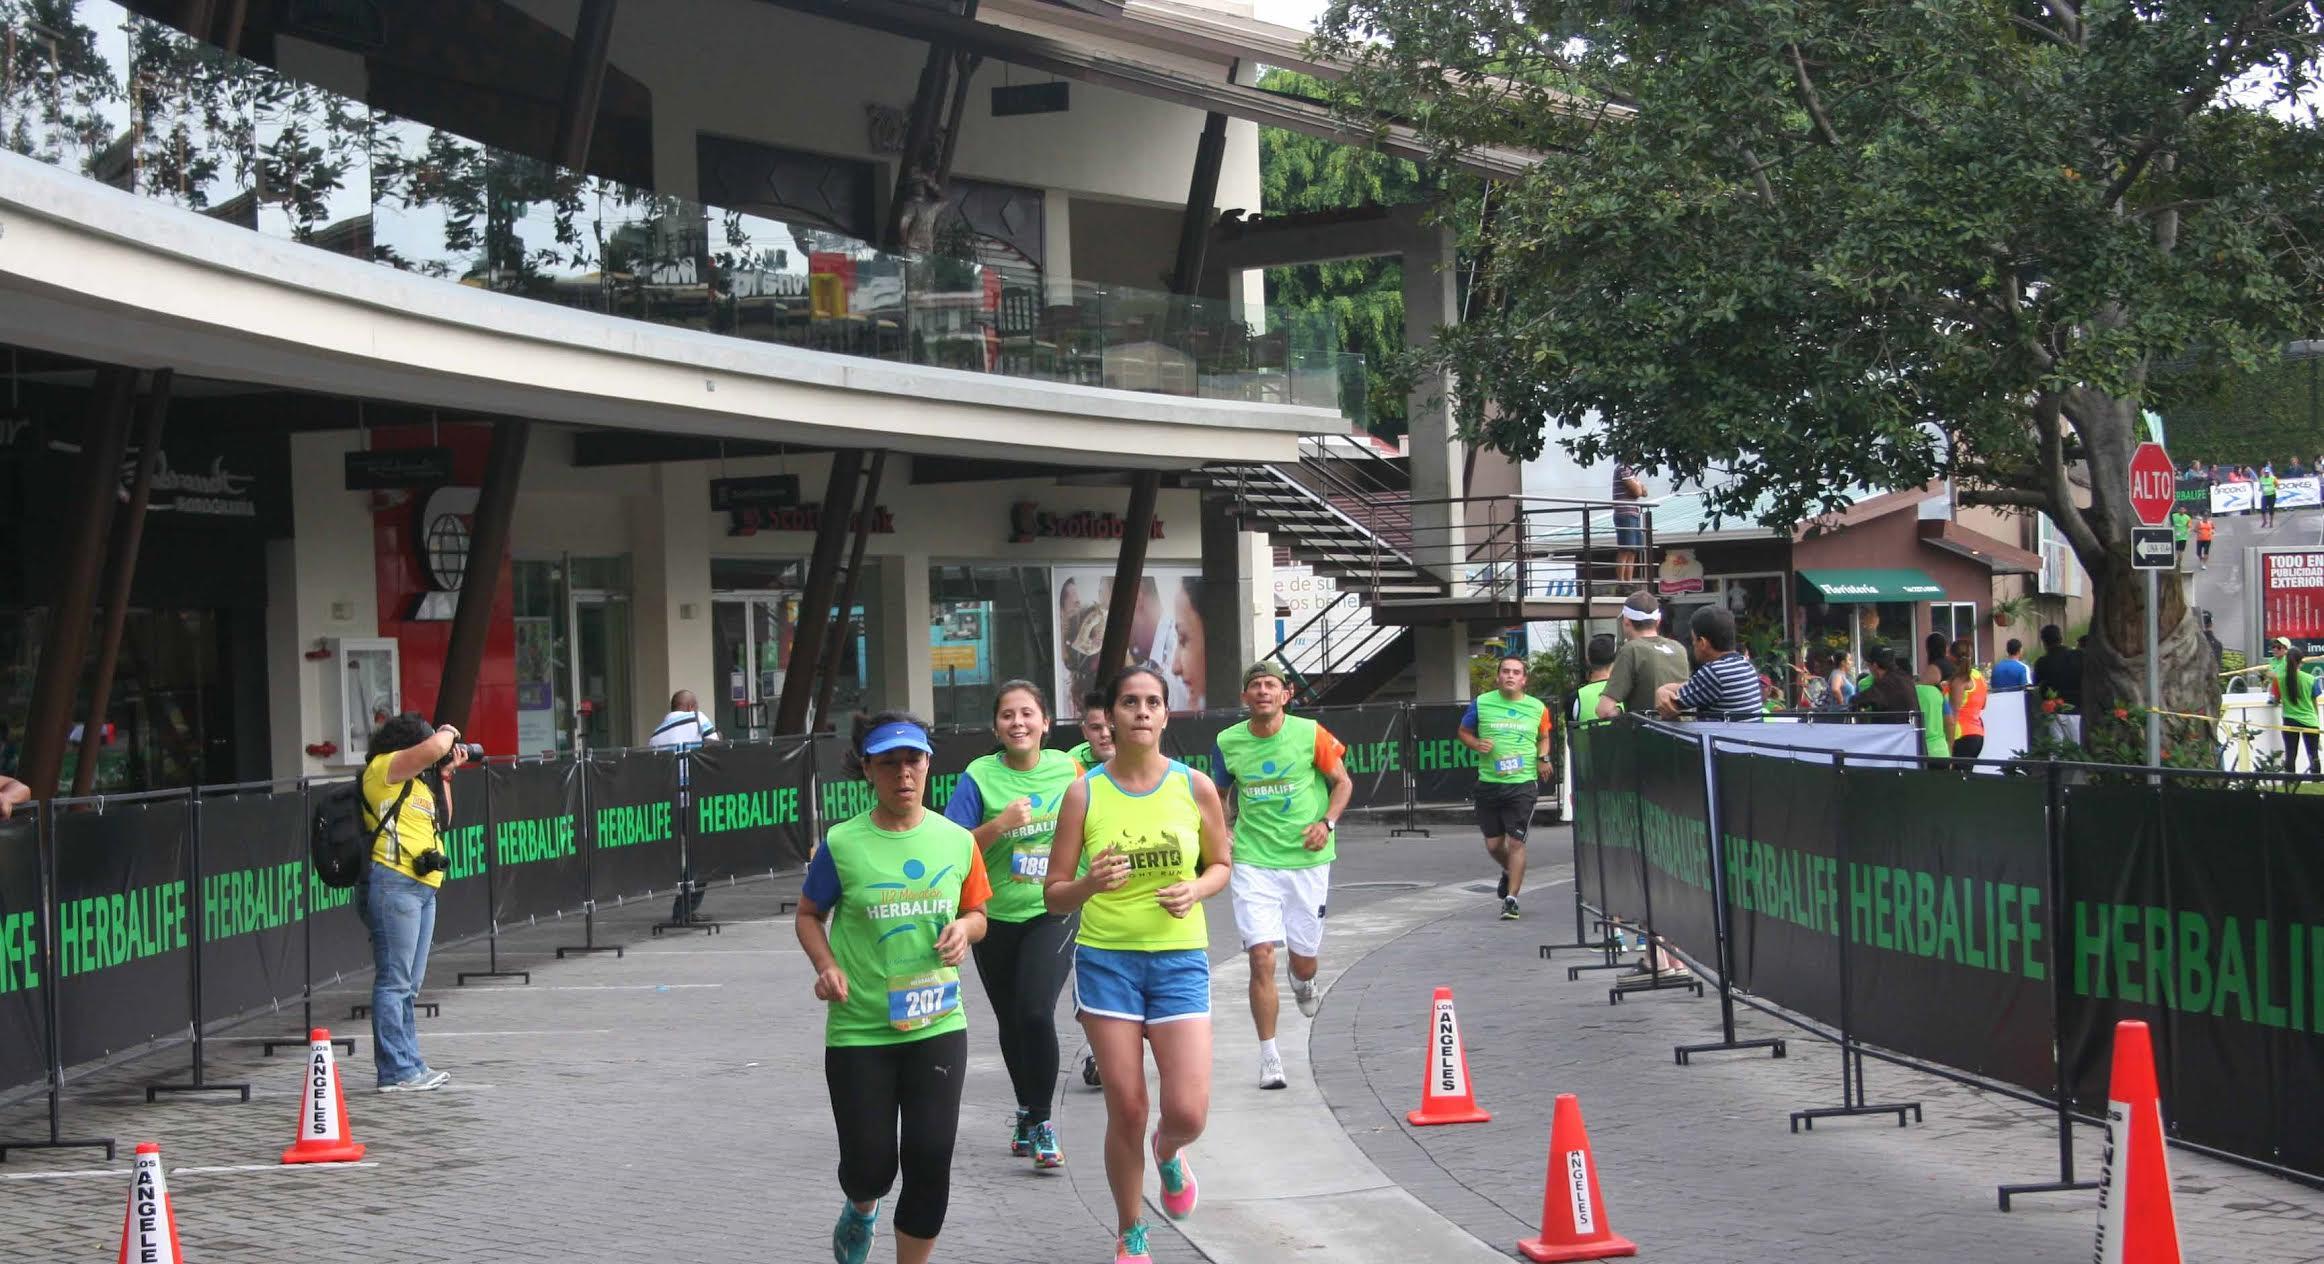 Media Maratón Herbalife retará a corredores élite en Costa Rica